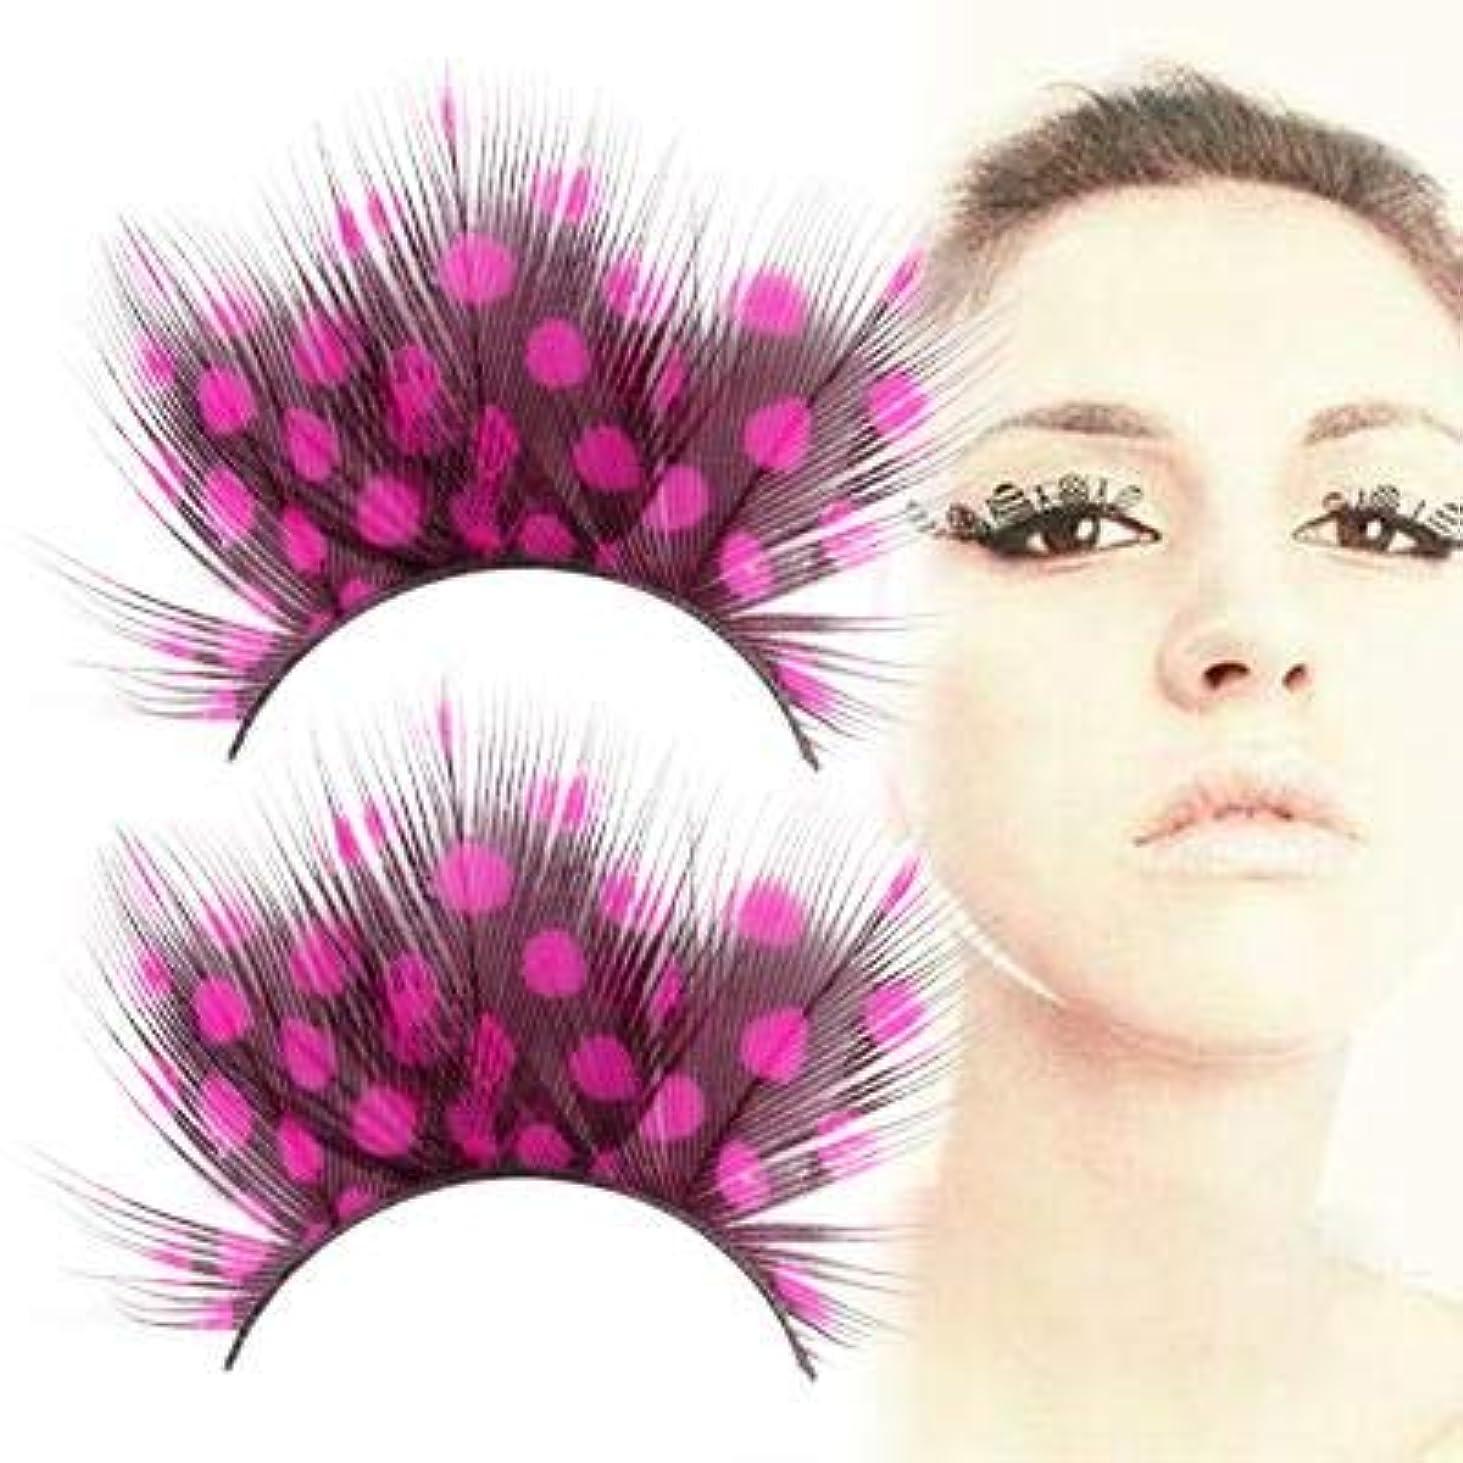 チャーミング八百屋衰える美容アクセサリー ペアのスポットデザイン大きな目の偽のまつげ 写真美容アクセサリー (色 : Color1)